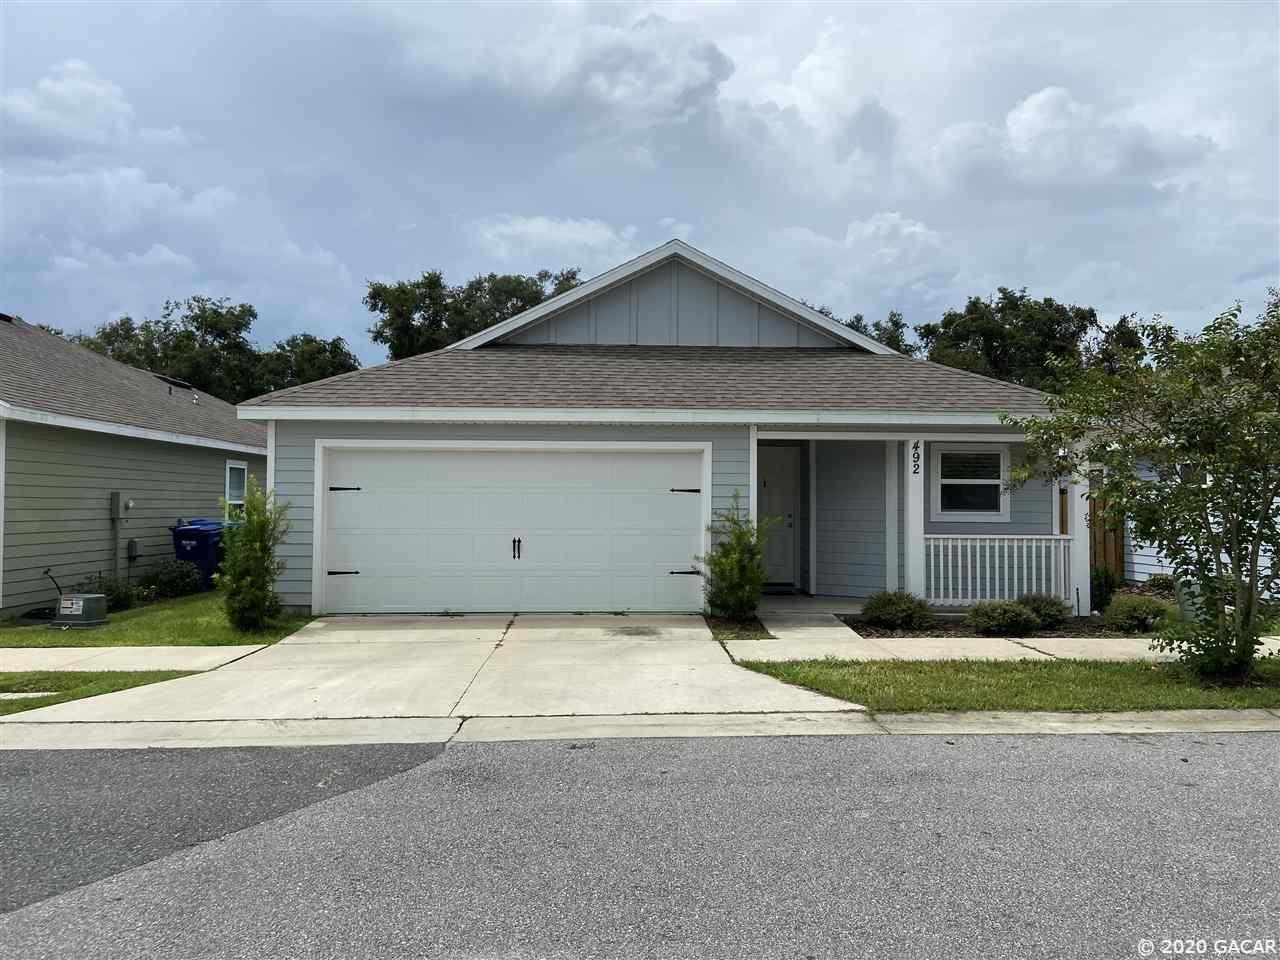 492 SW 251 Drive, Newberry, FL 32669 - #: 437969